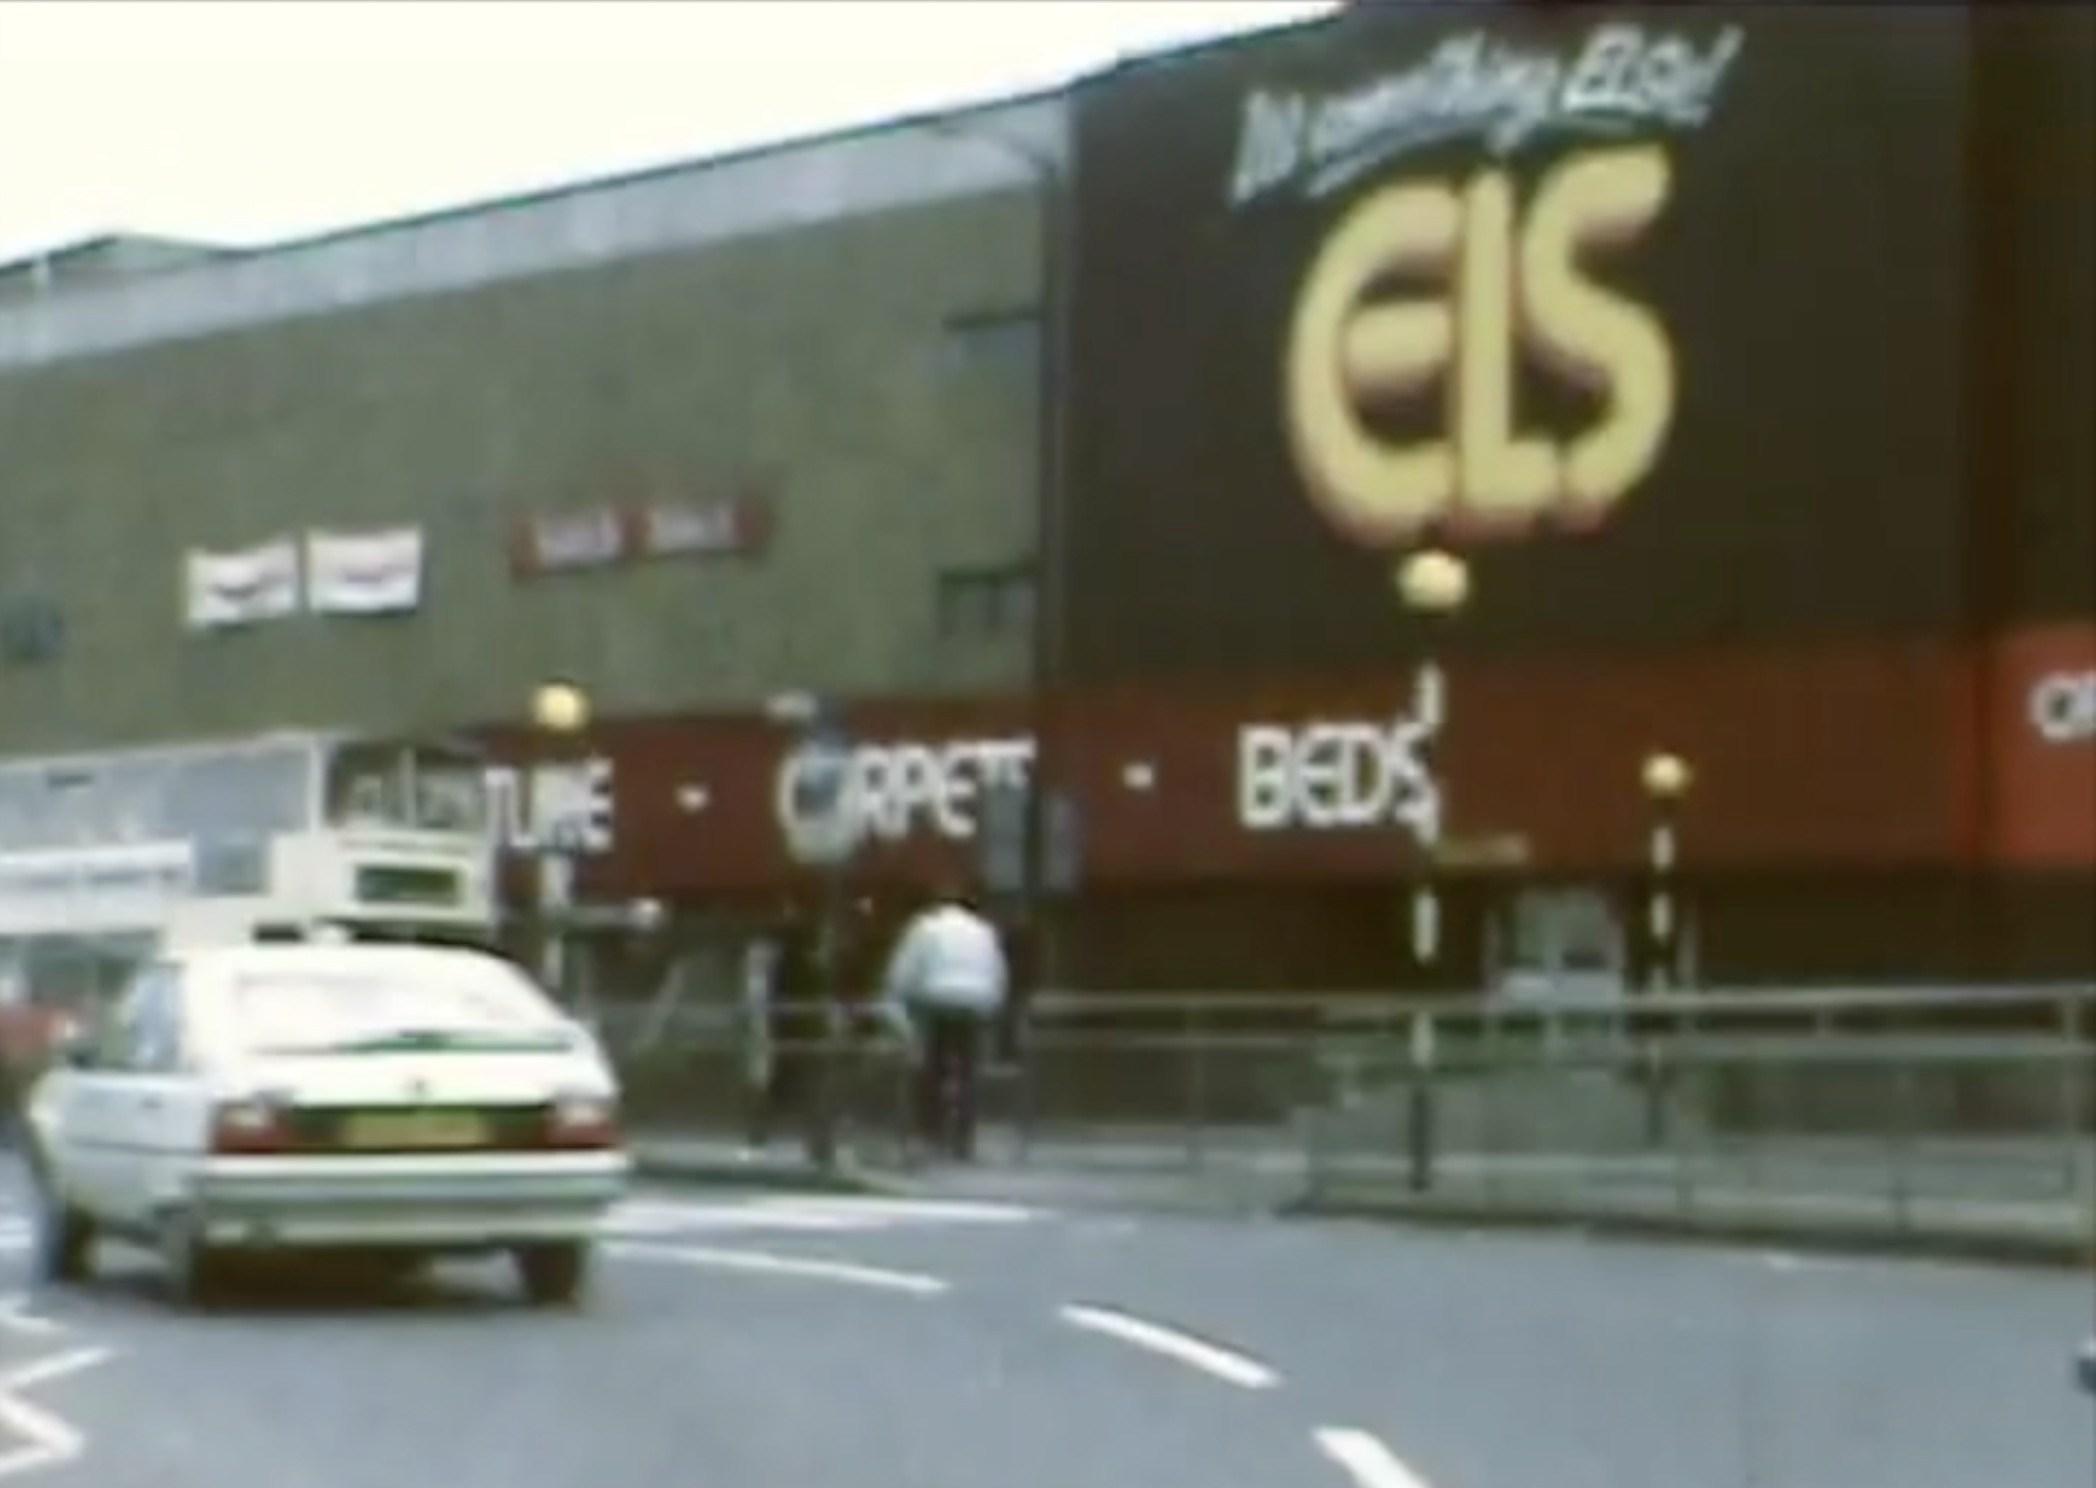 ELS Furniture Shop on West Bar